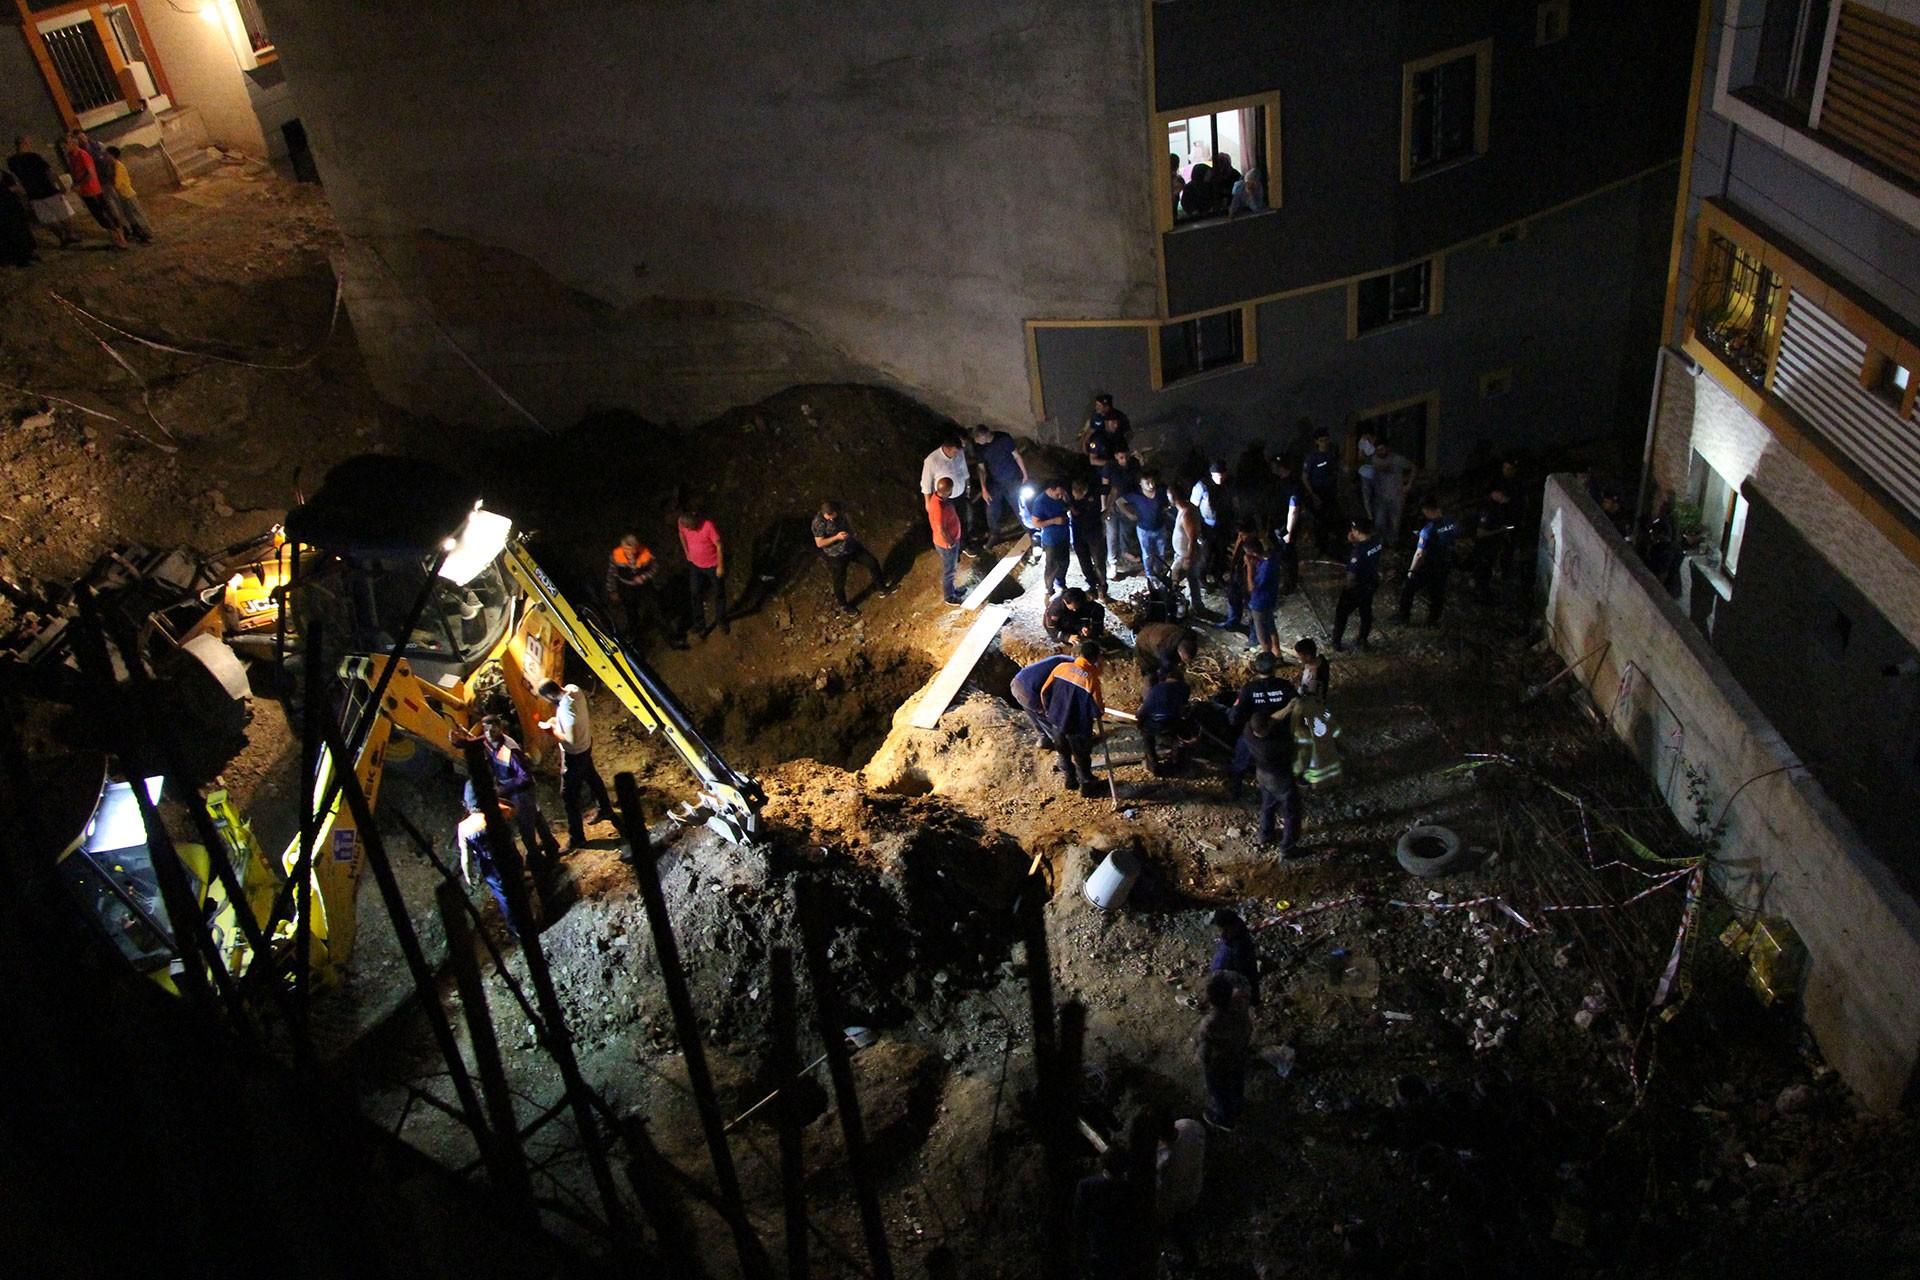 İstanbul'da inşaat çukuruna düşen 8 yaşındaki çocuk hayatını kaybetti